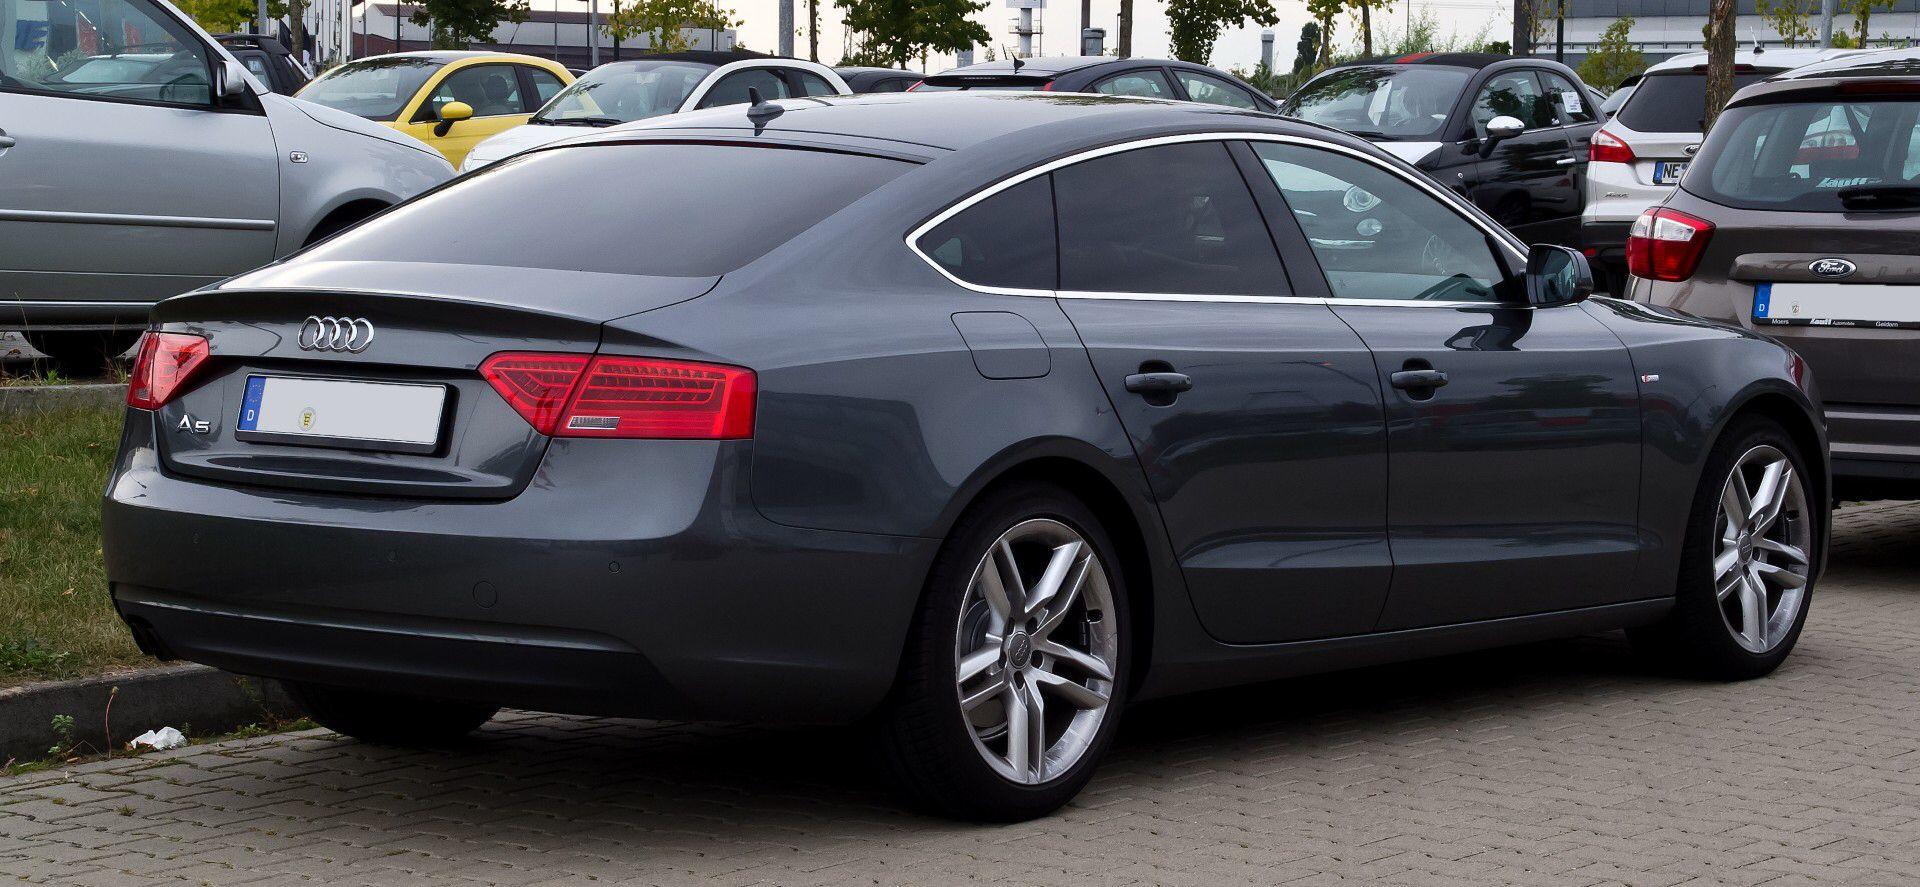 Kelebihan Audi A5 Sportback 2015 Spesifikasi